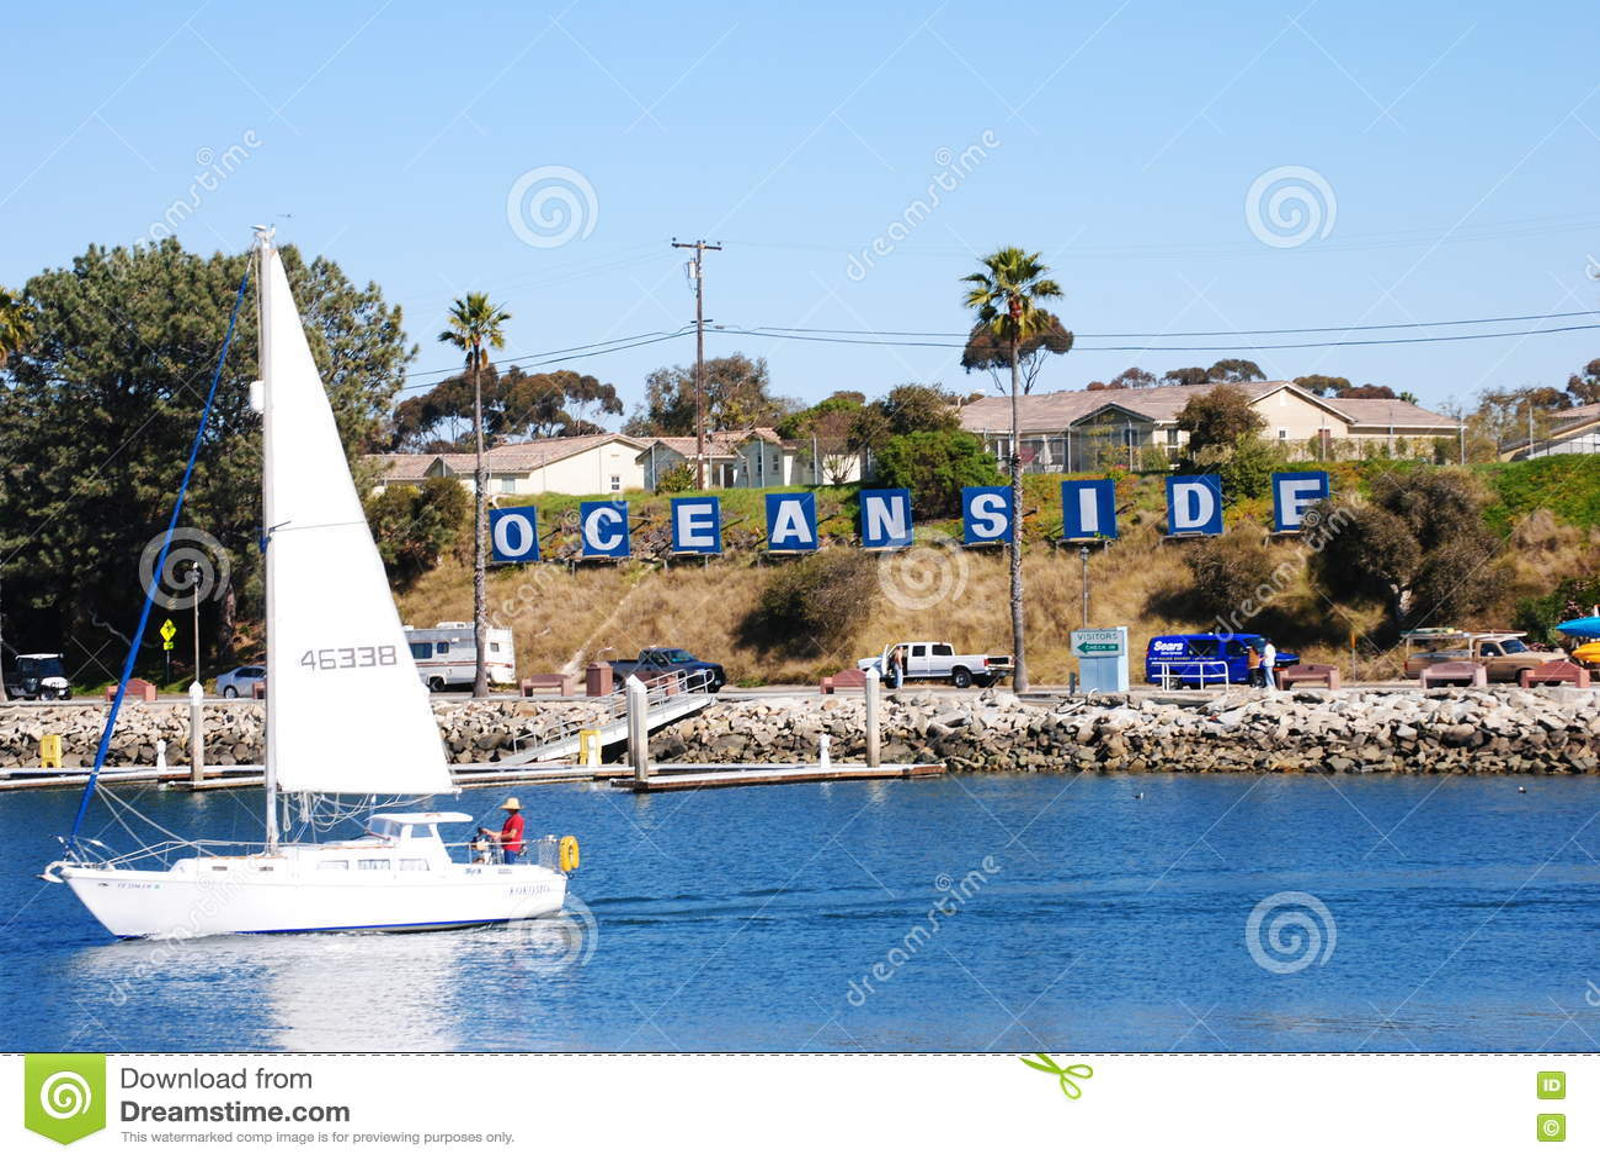 buy ambien california oceanside